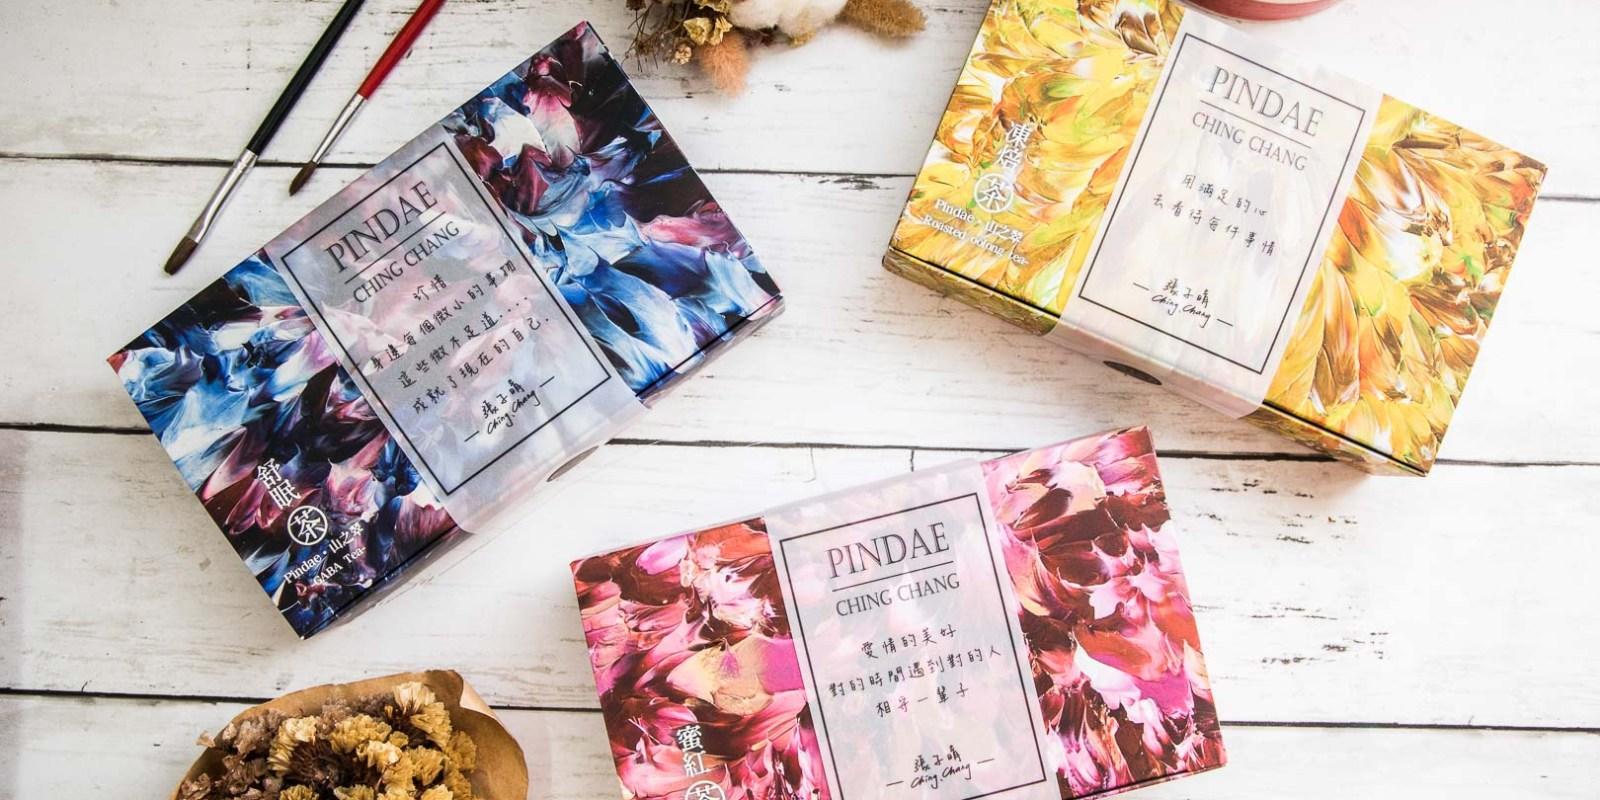 [宅配團購]藝術與茶品的結合,健康飲茶新潮流~山之翠茶繪聯名系列